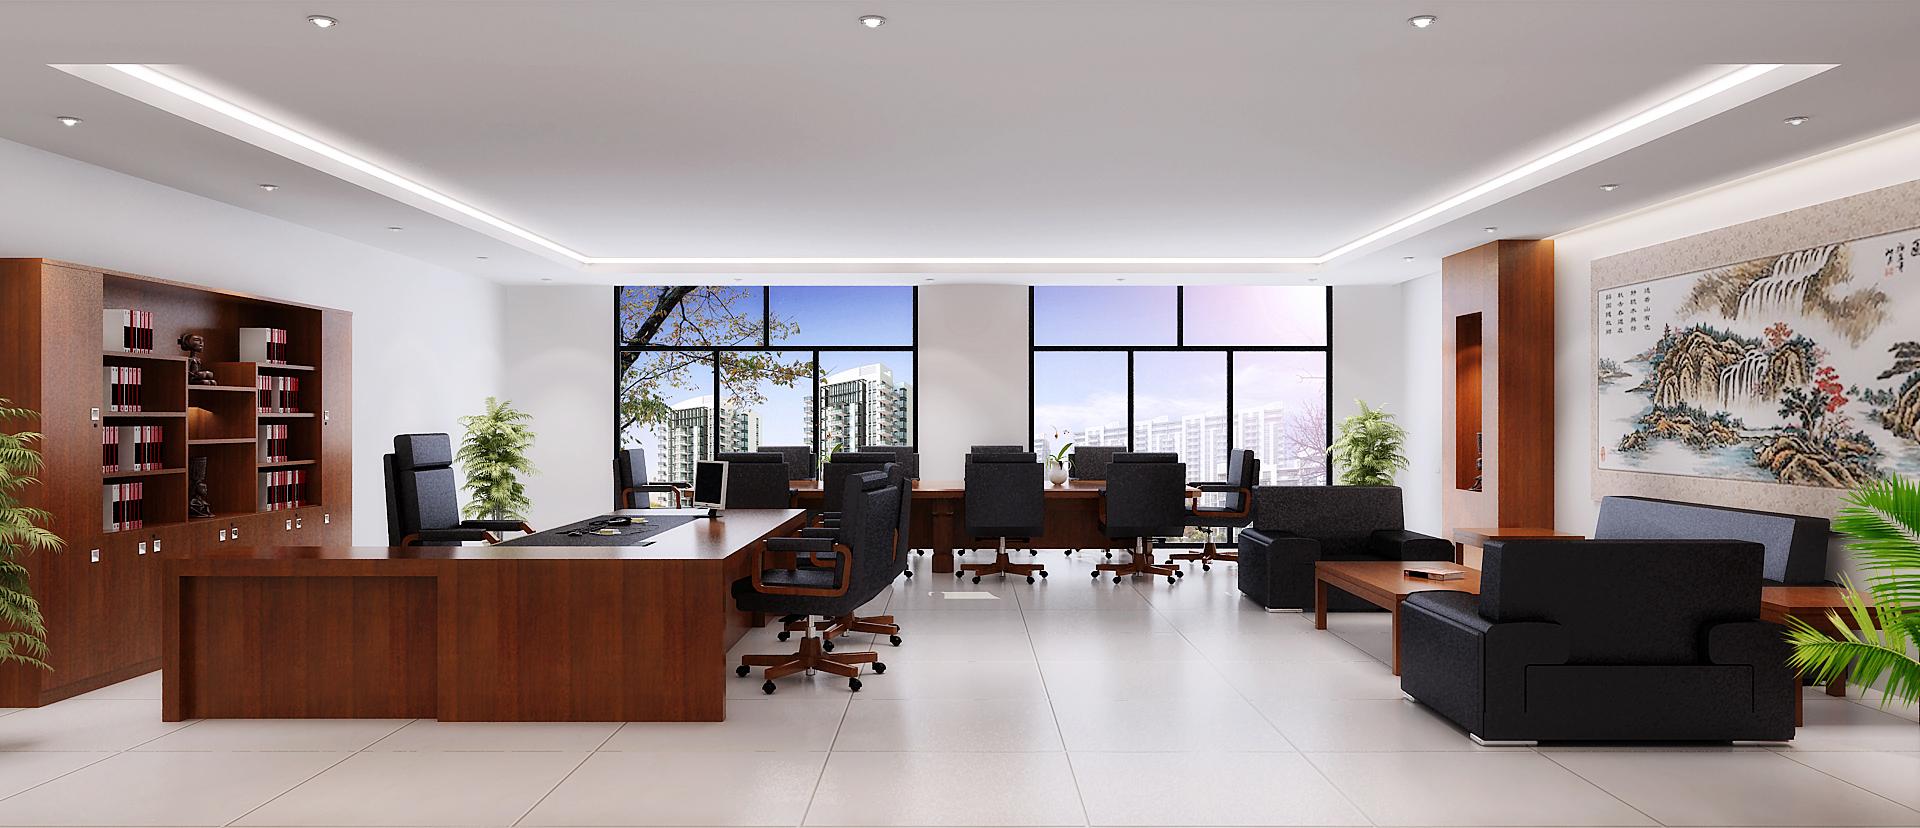 办公家具市场竞争激烈 五金配件成取胜筹码